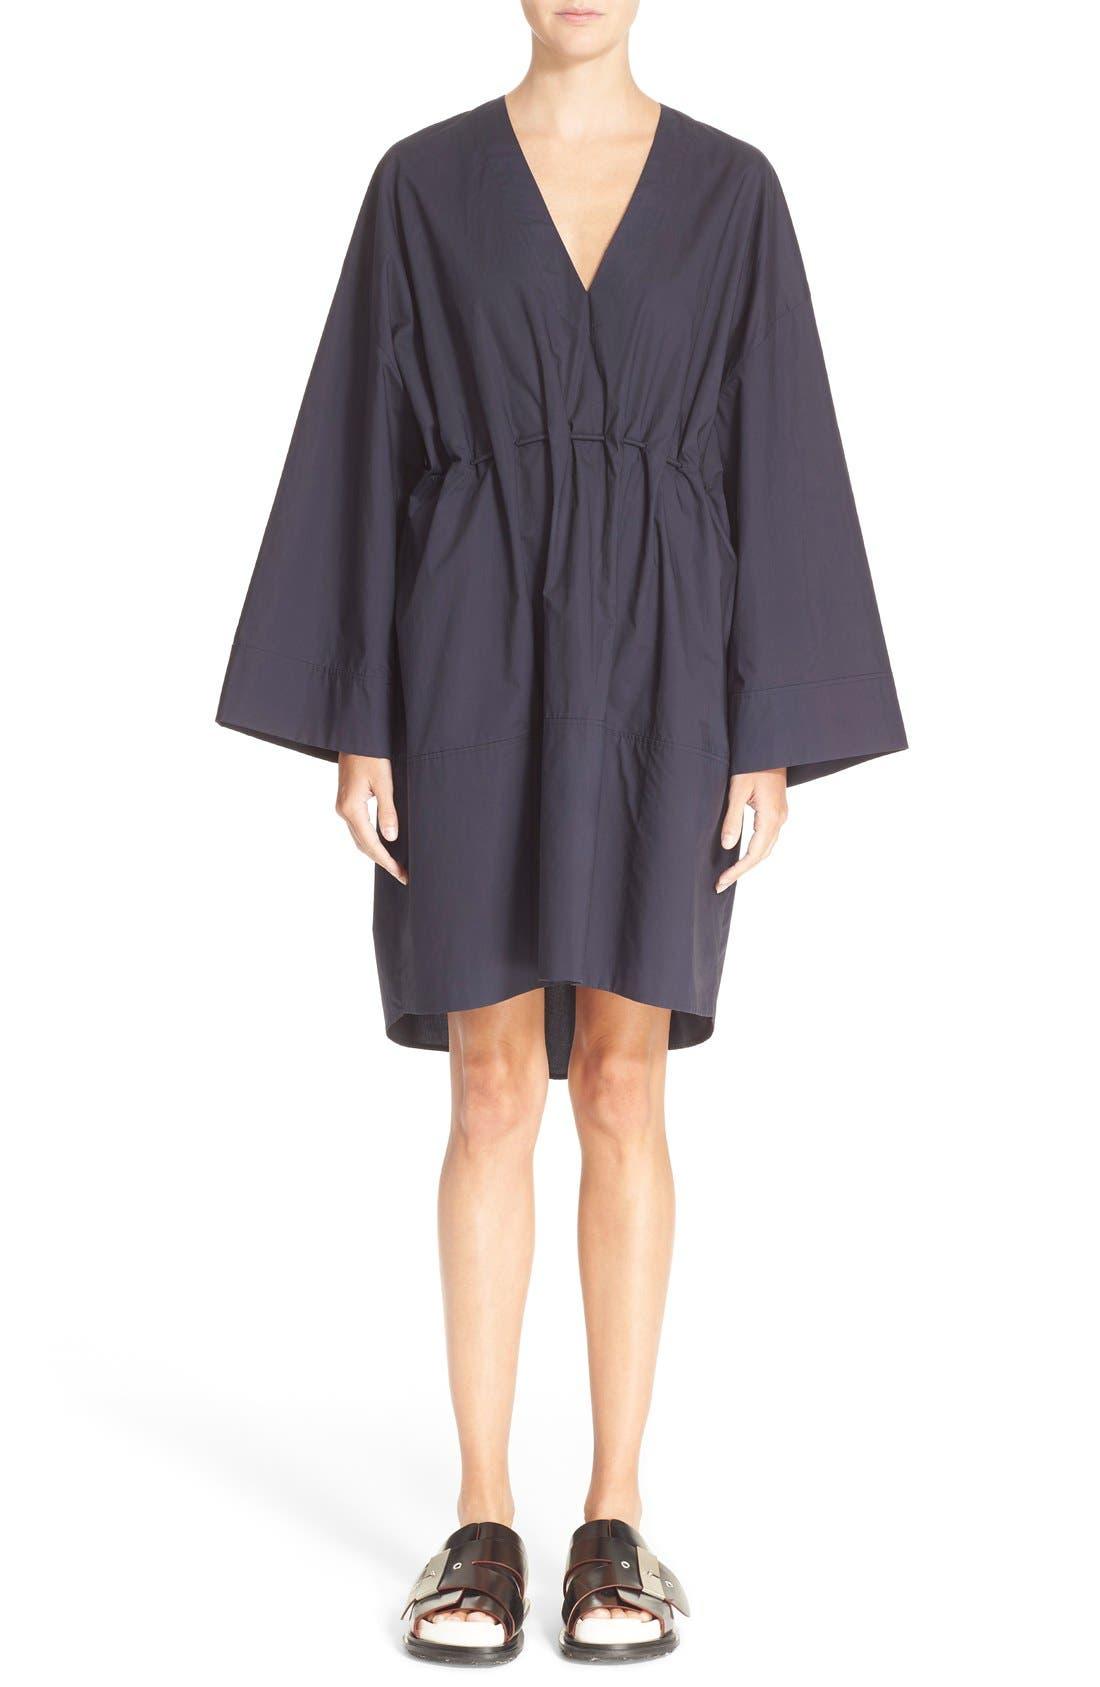 Calida Cotton Drawstring Dress,                             Main thumbnail 1, color,                             001